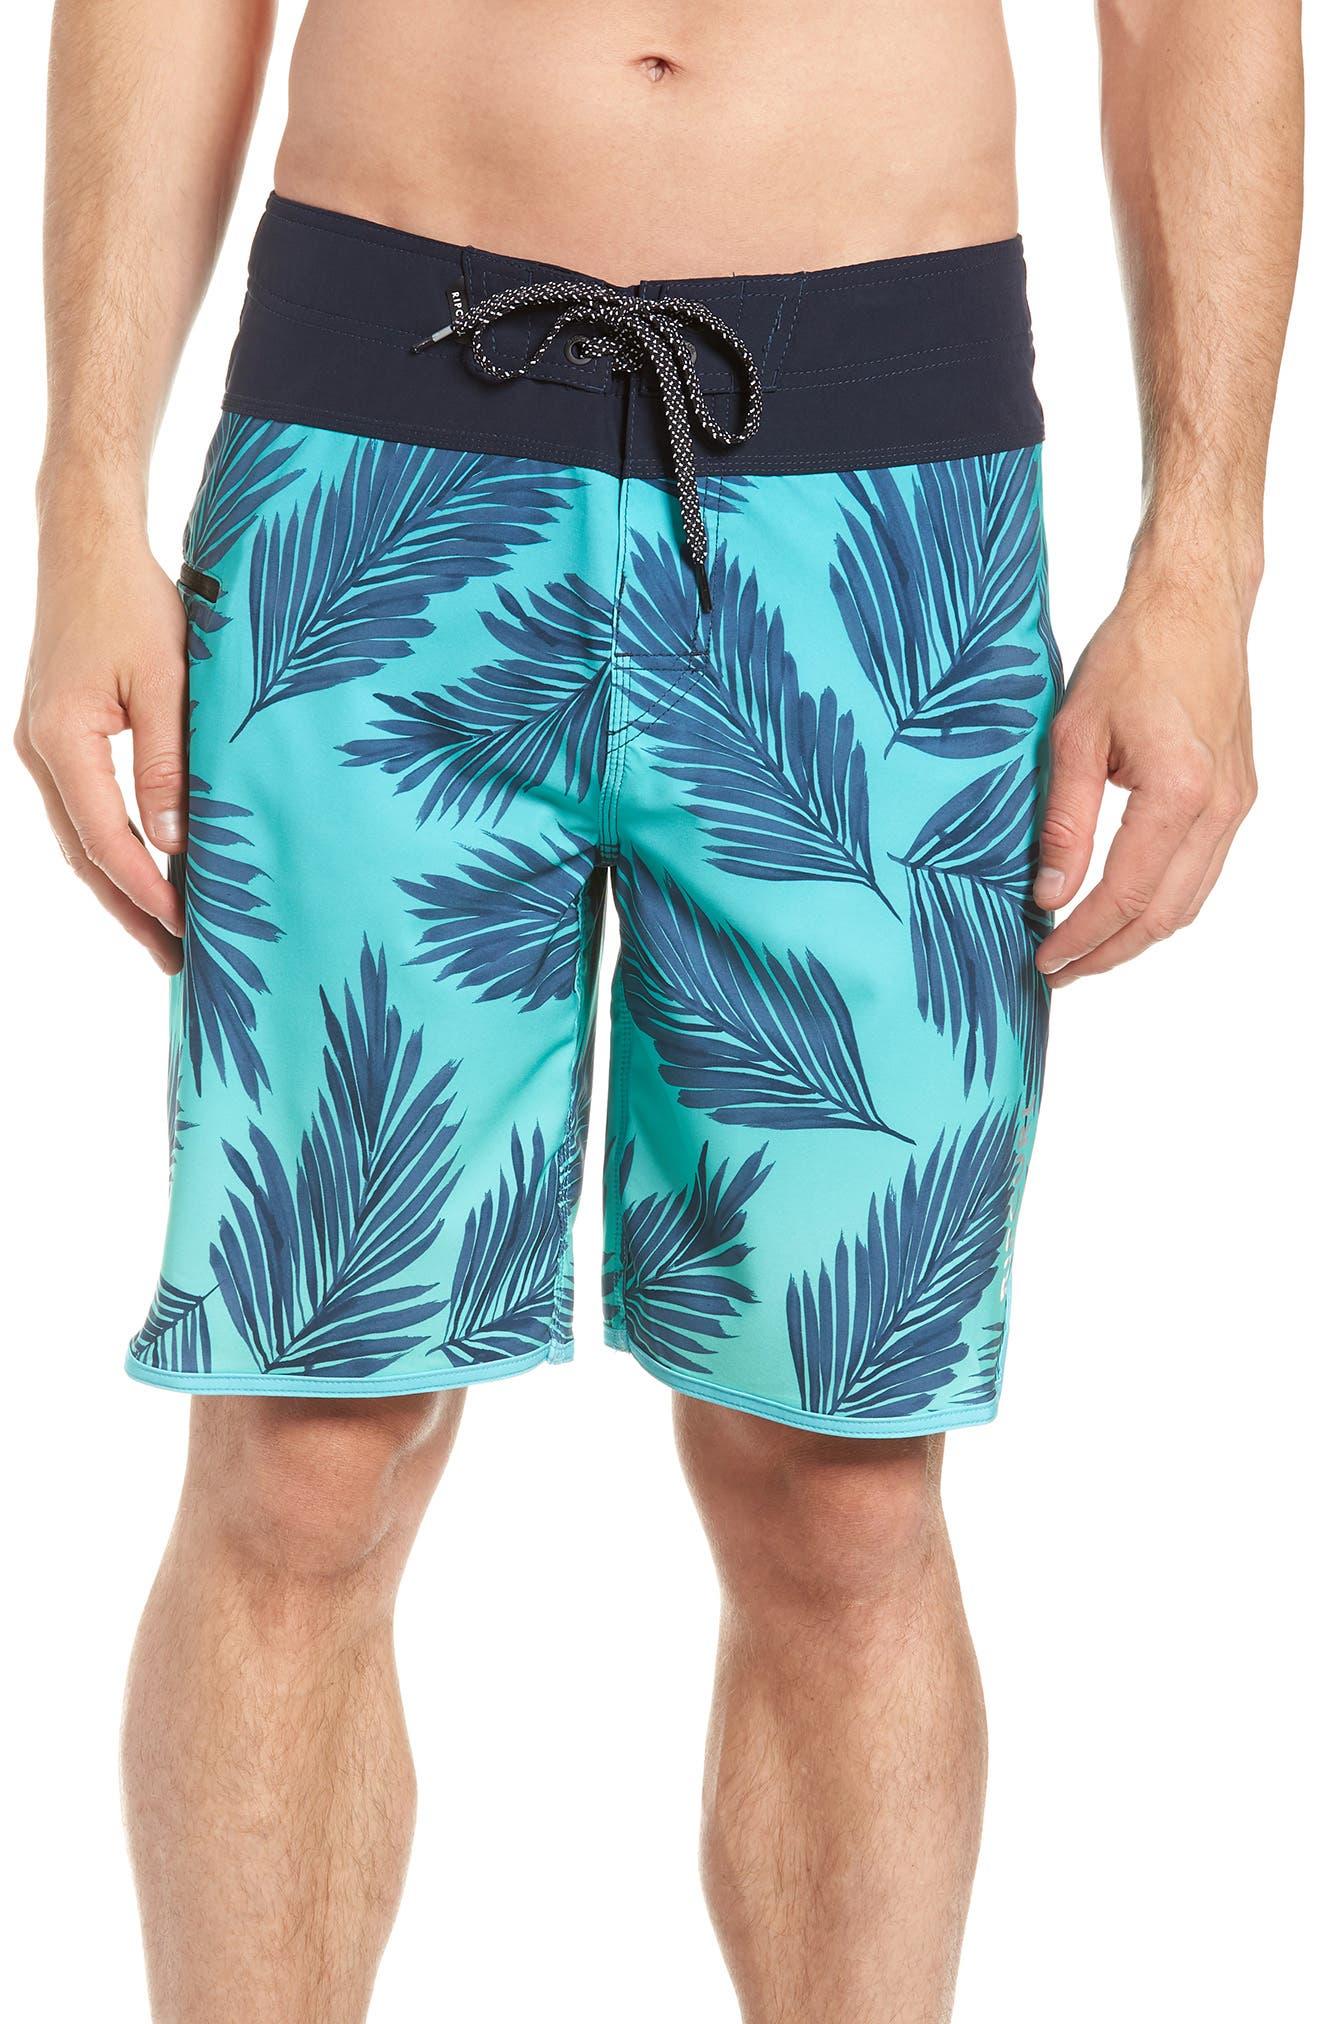 Mirage Mason Rockies Board Shorts,                         Main,                         color, Teal